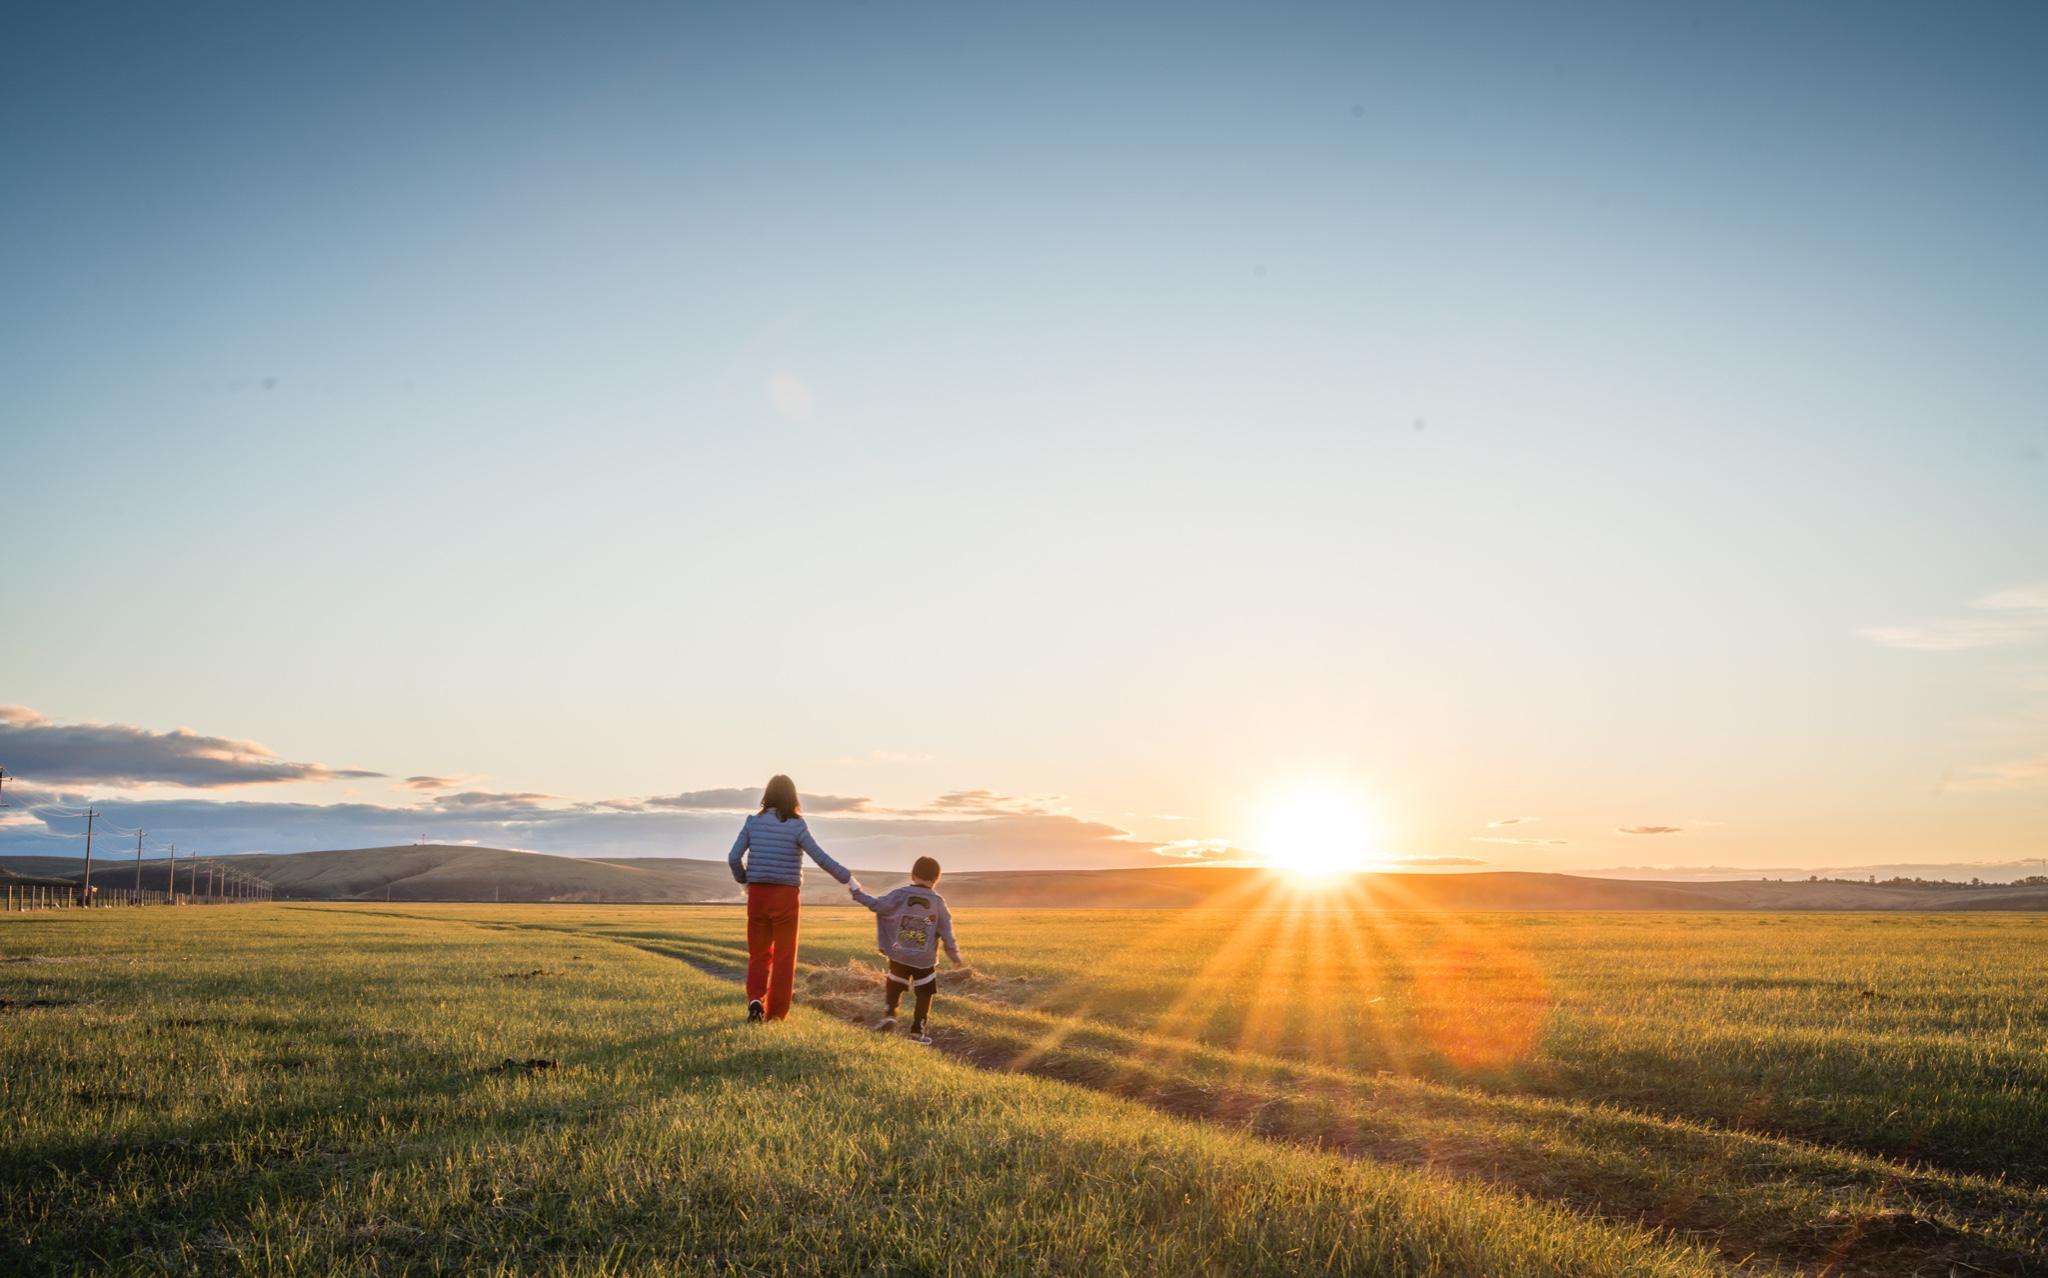 《亲子游呼伦贝尔大草原》旅行快乐@呼伦贝尔大草